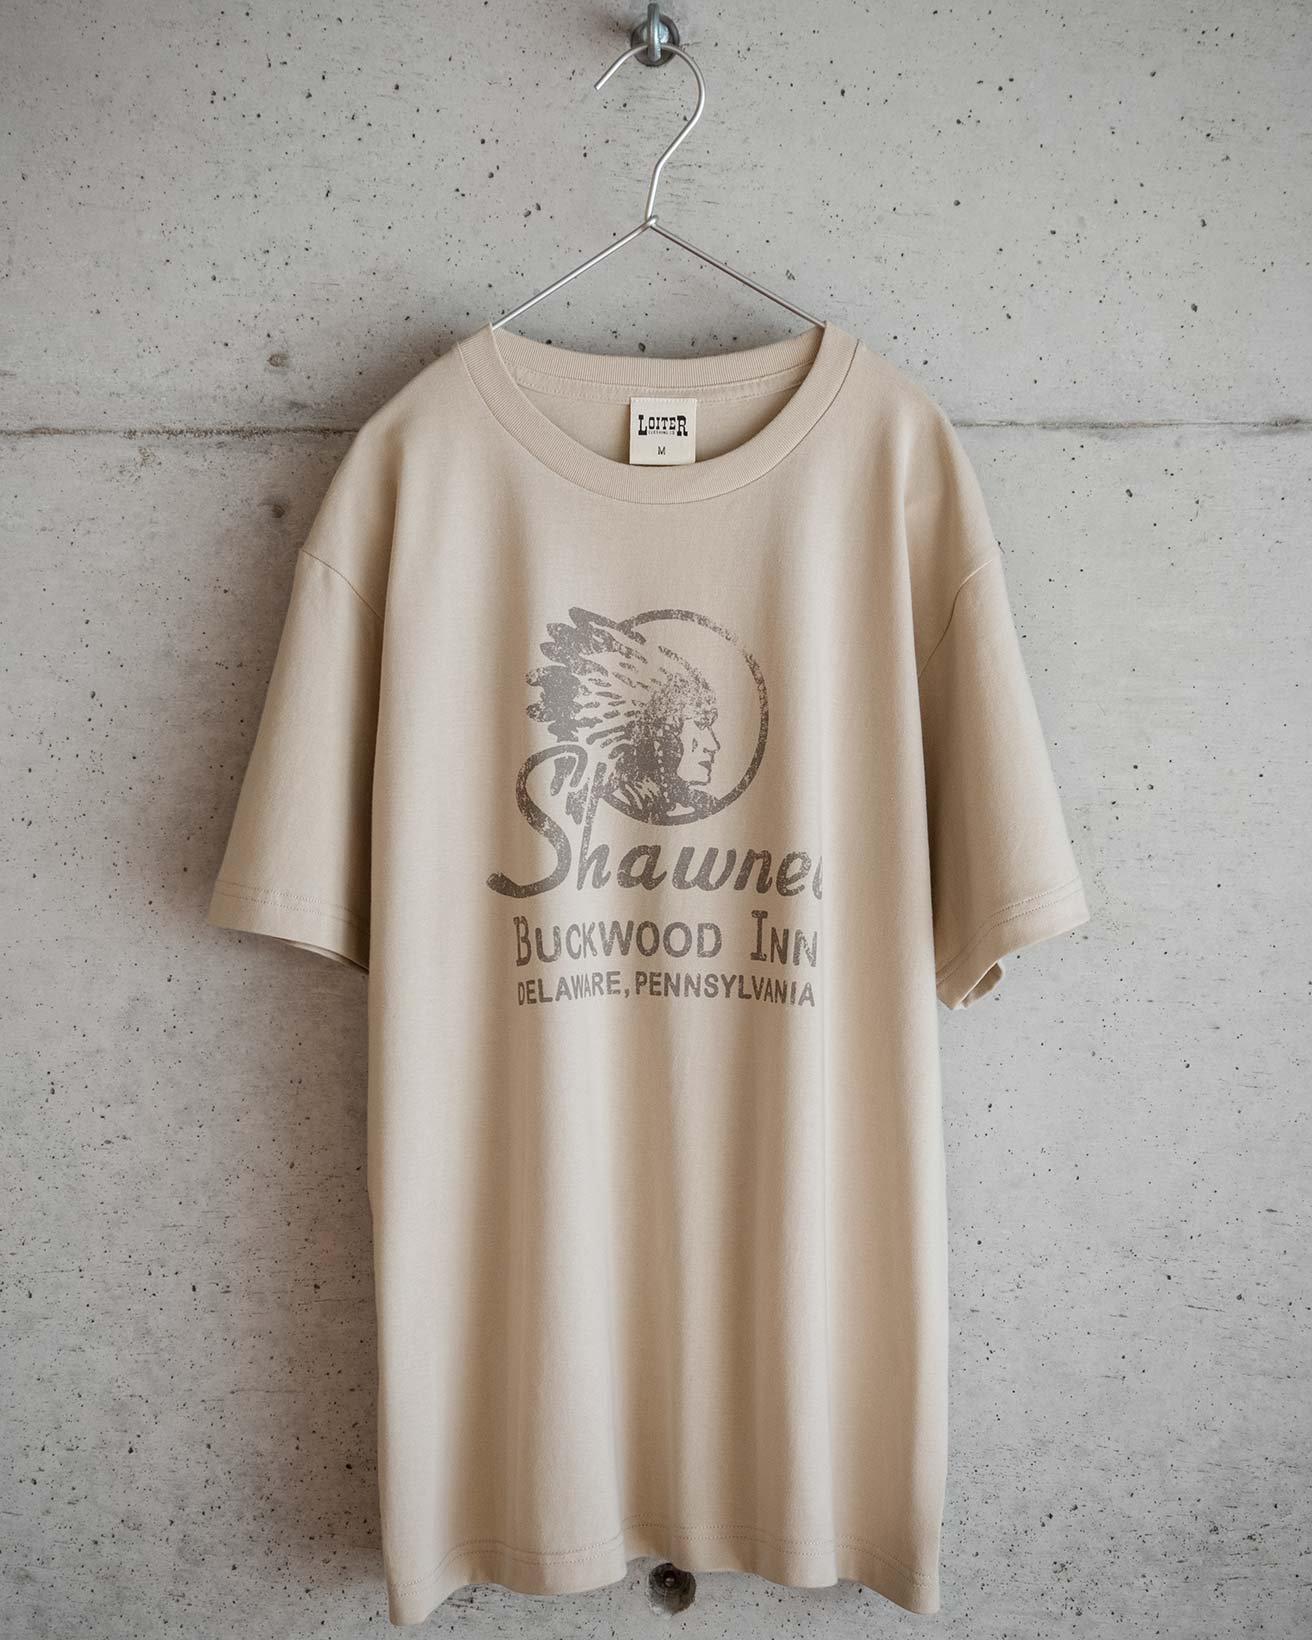 ロイターのアメカジ SHAWNEE Tシャツ